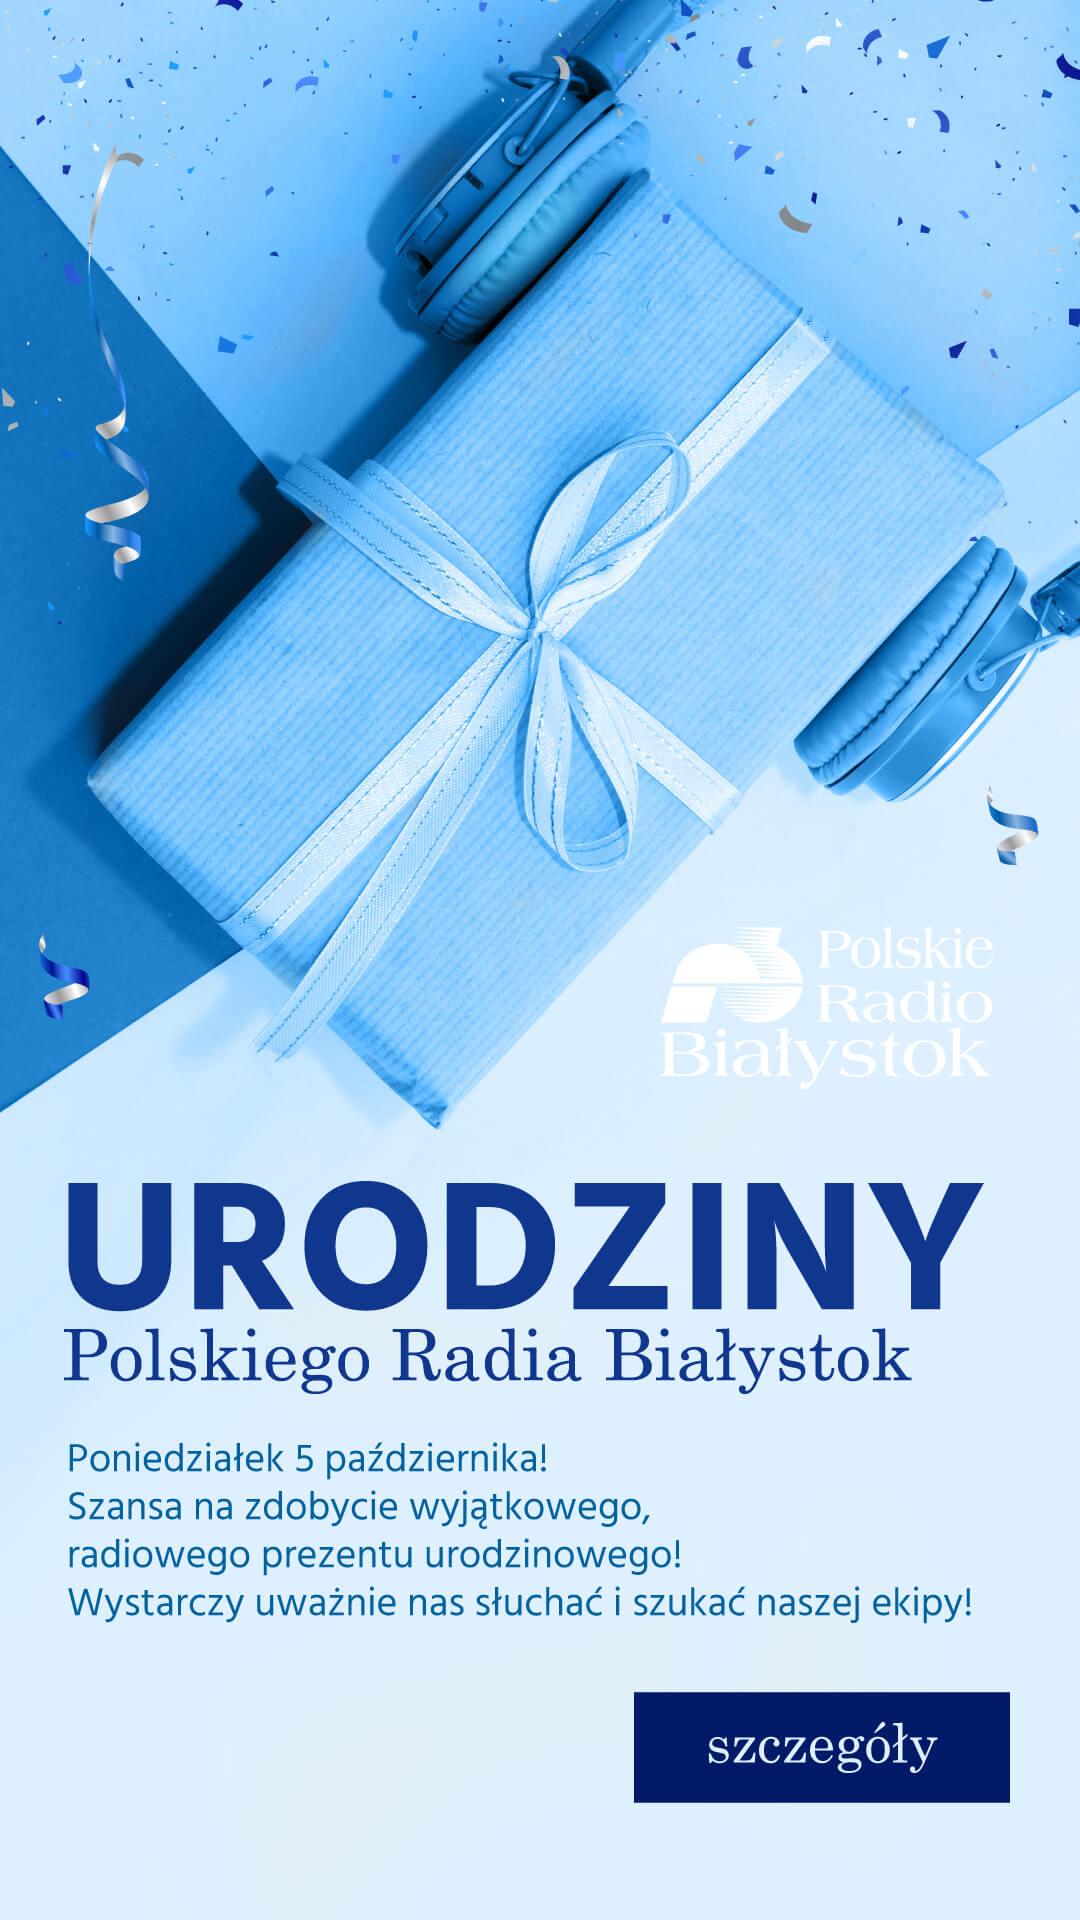 Urodziny PRB